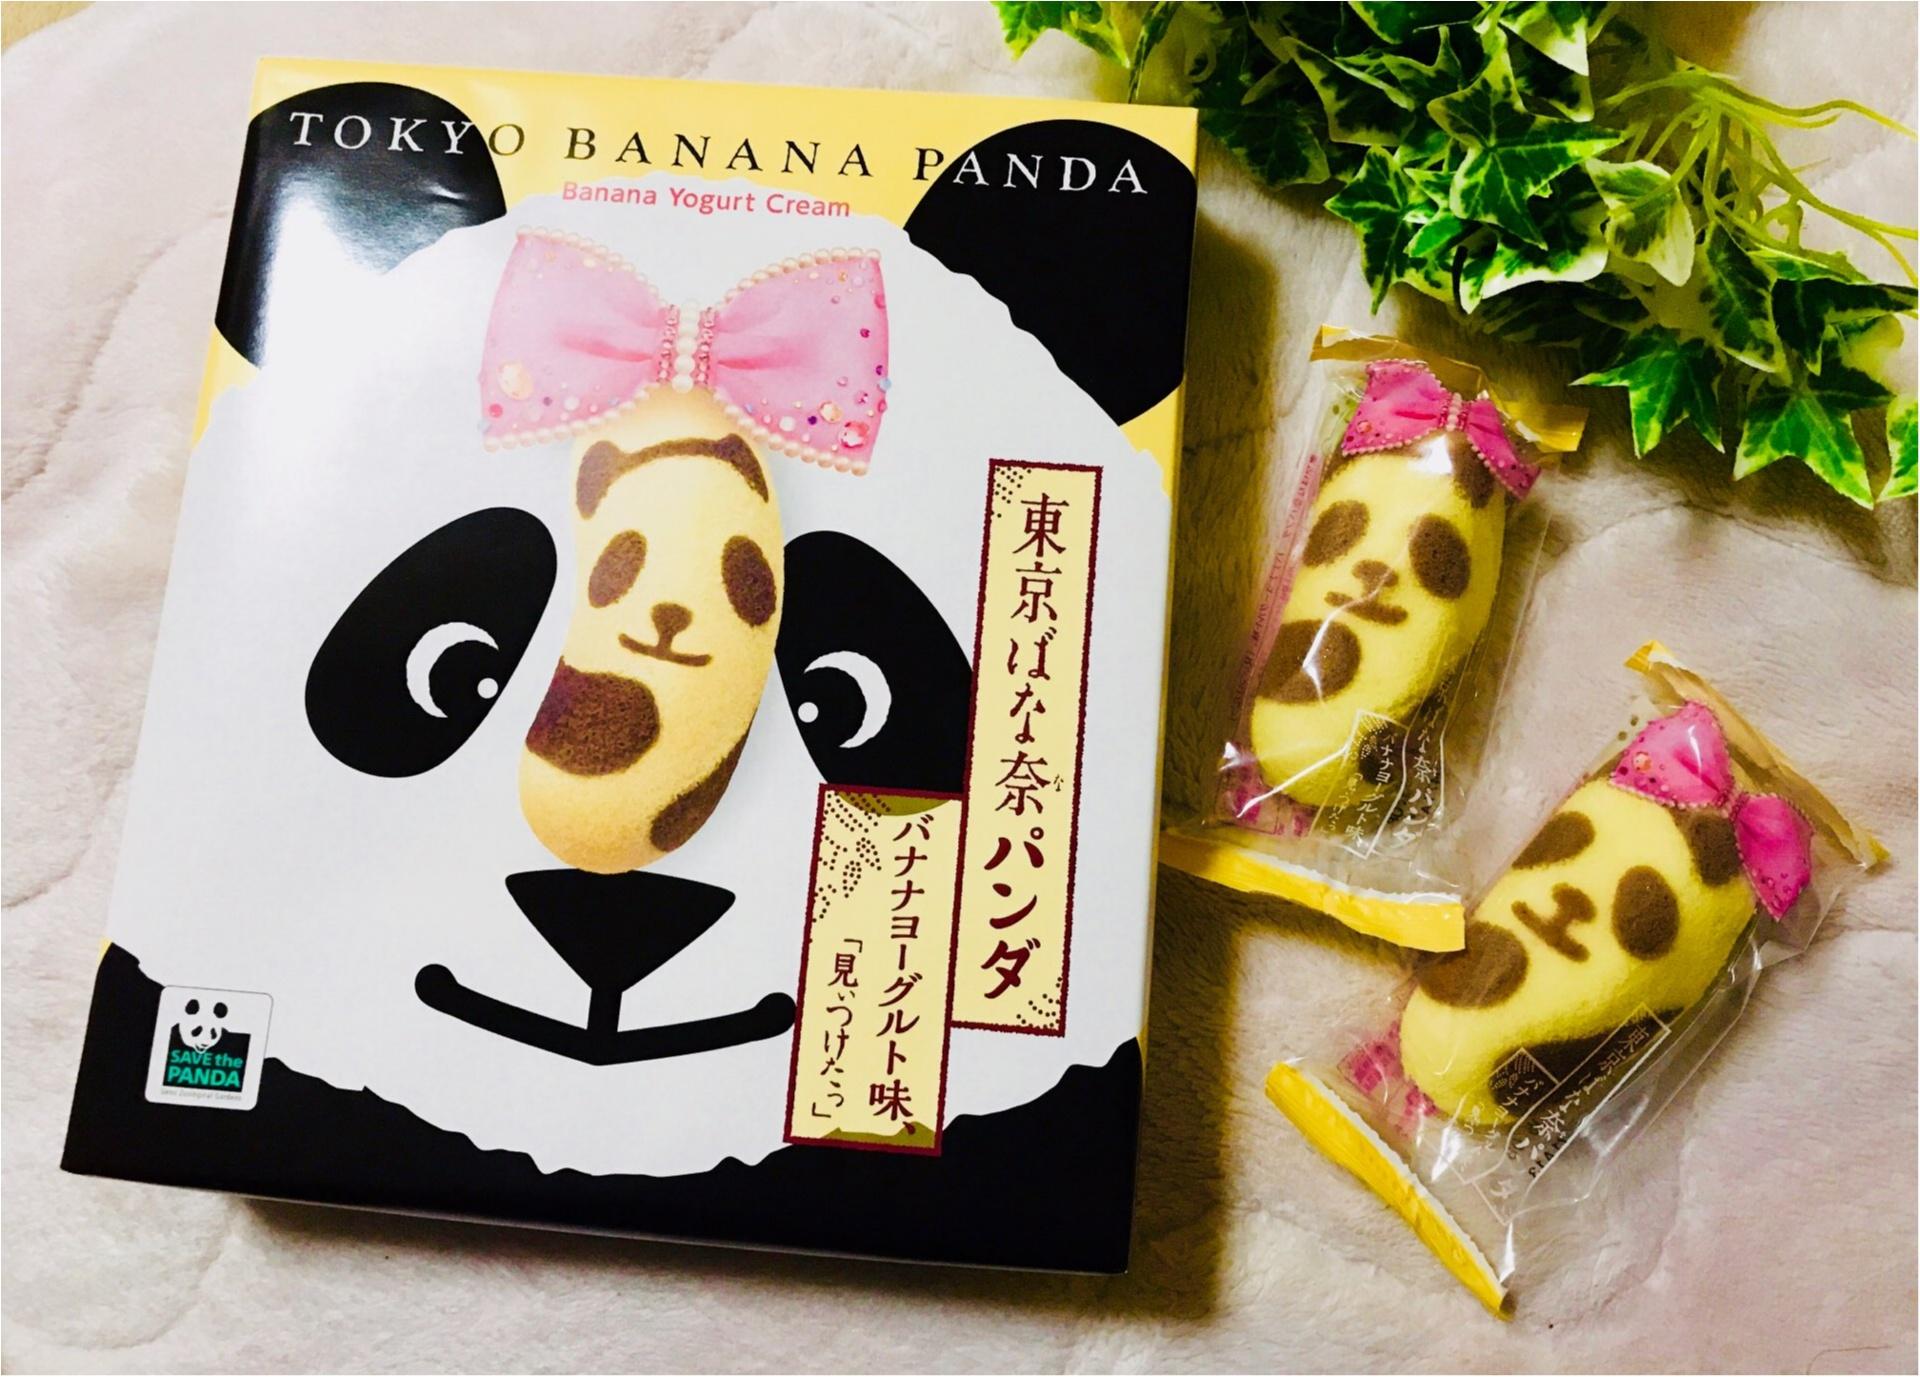 【帰省みやげ】ついにGWスタート!東京土産のド定番《東京ばな奈》❤︎まさかのシャンシャンとコラボ!?かわいいパンダに変身しちゃいました♡♡_1